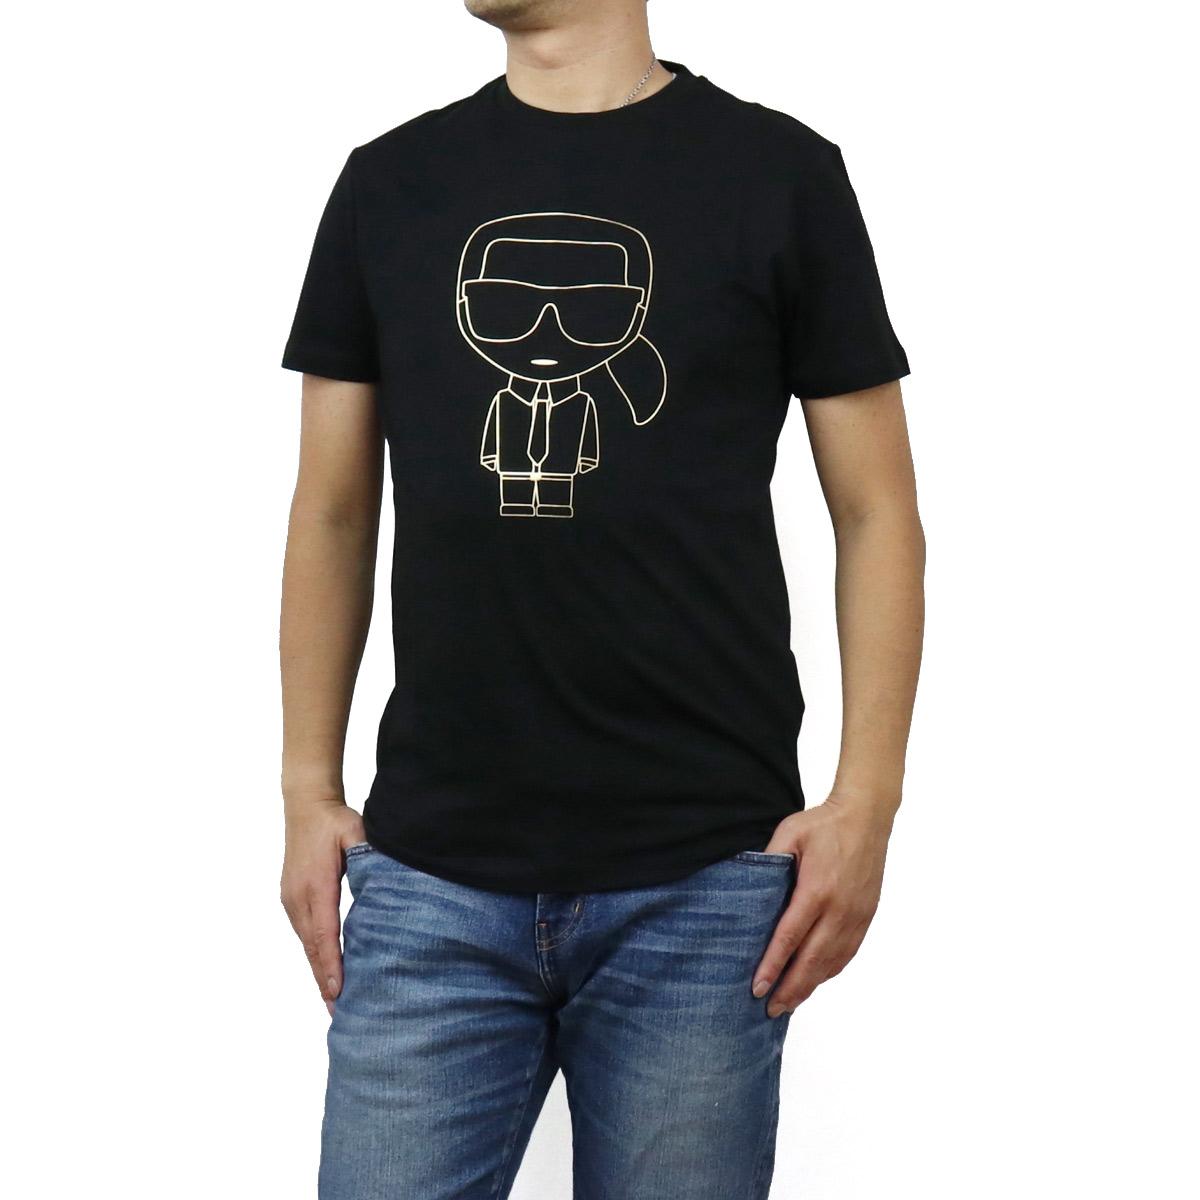 ※ 送料無料 信頼 ラッピング無料 2020秋冬新作 カール ラガーフェルド Karl Lagerfeld メンズ-Tシャツ 502224 apparel-01 755040 メンズ 990 格安激安 ブラック IKONIK bos-12 BLACK